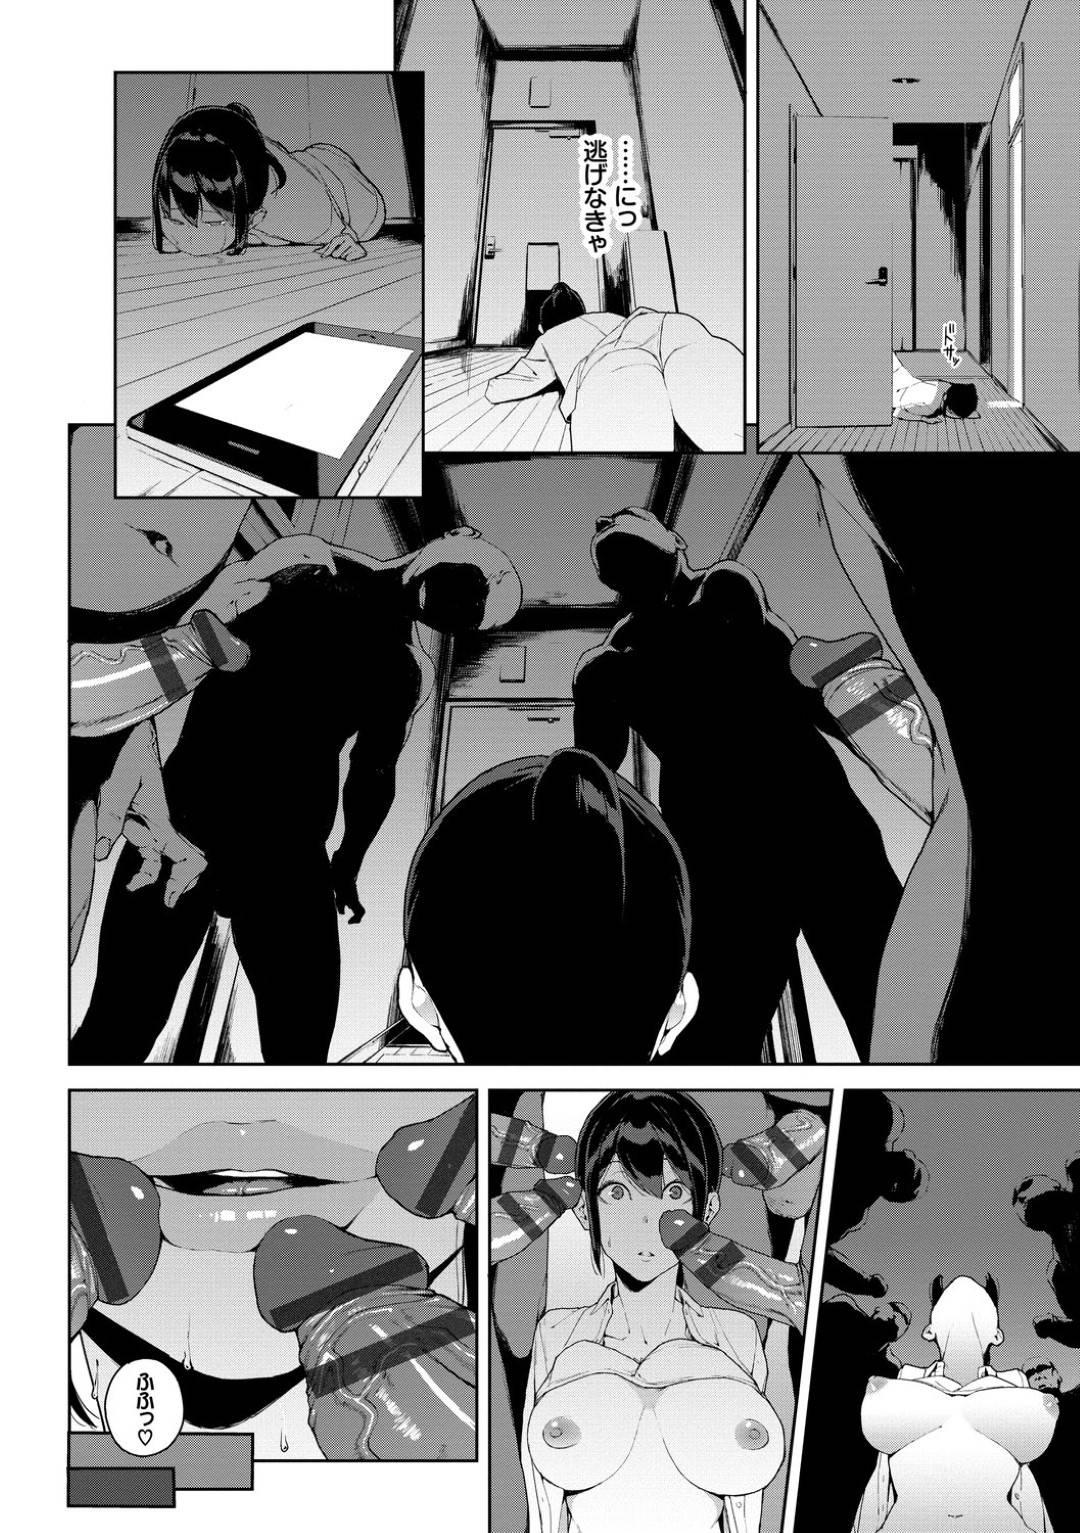 【エロ漫画】クラスの友達と興味本位で都市伝説的な電話番号に欠けてしまったポニーテールのJK…家に帰ったらさっきの番号からの着信に出ると怖い声が聞こえ、その瞬間自宅なのに巨大な一物を持つ怪物がJKを中出しレイプ【岩崎ユウキ:アナタノウシロ】